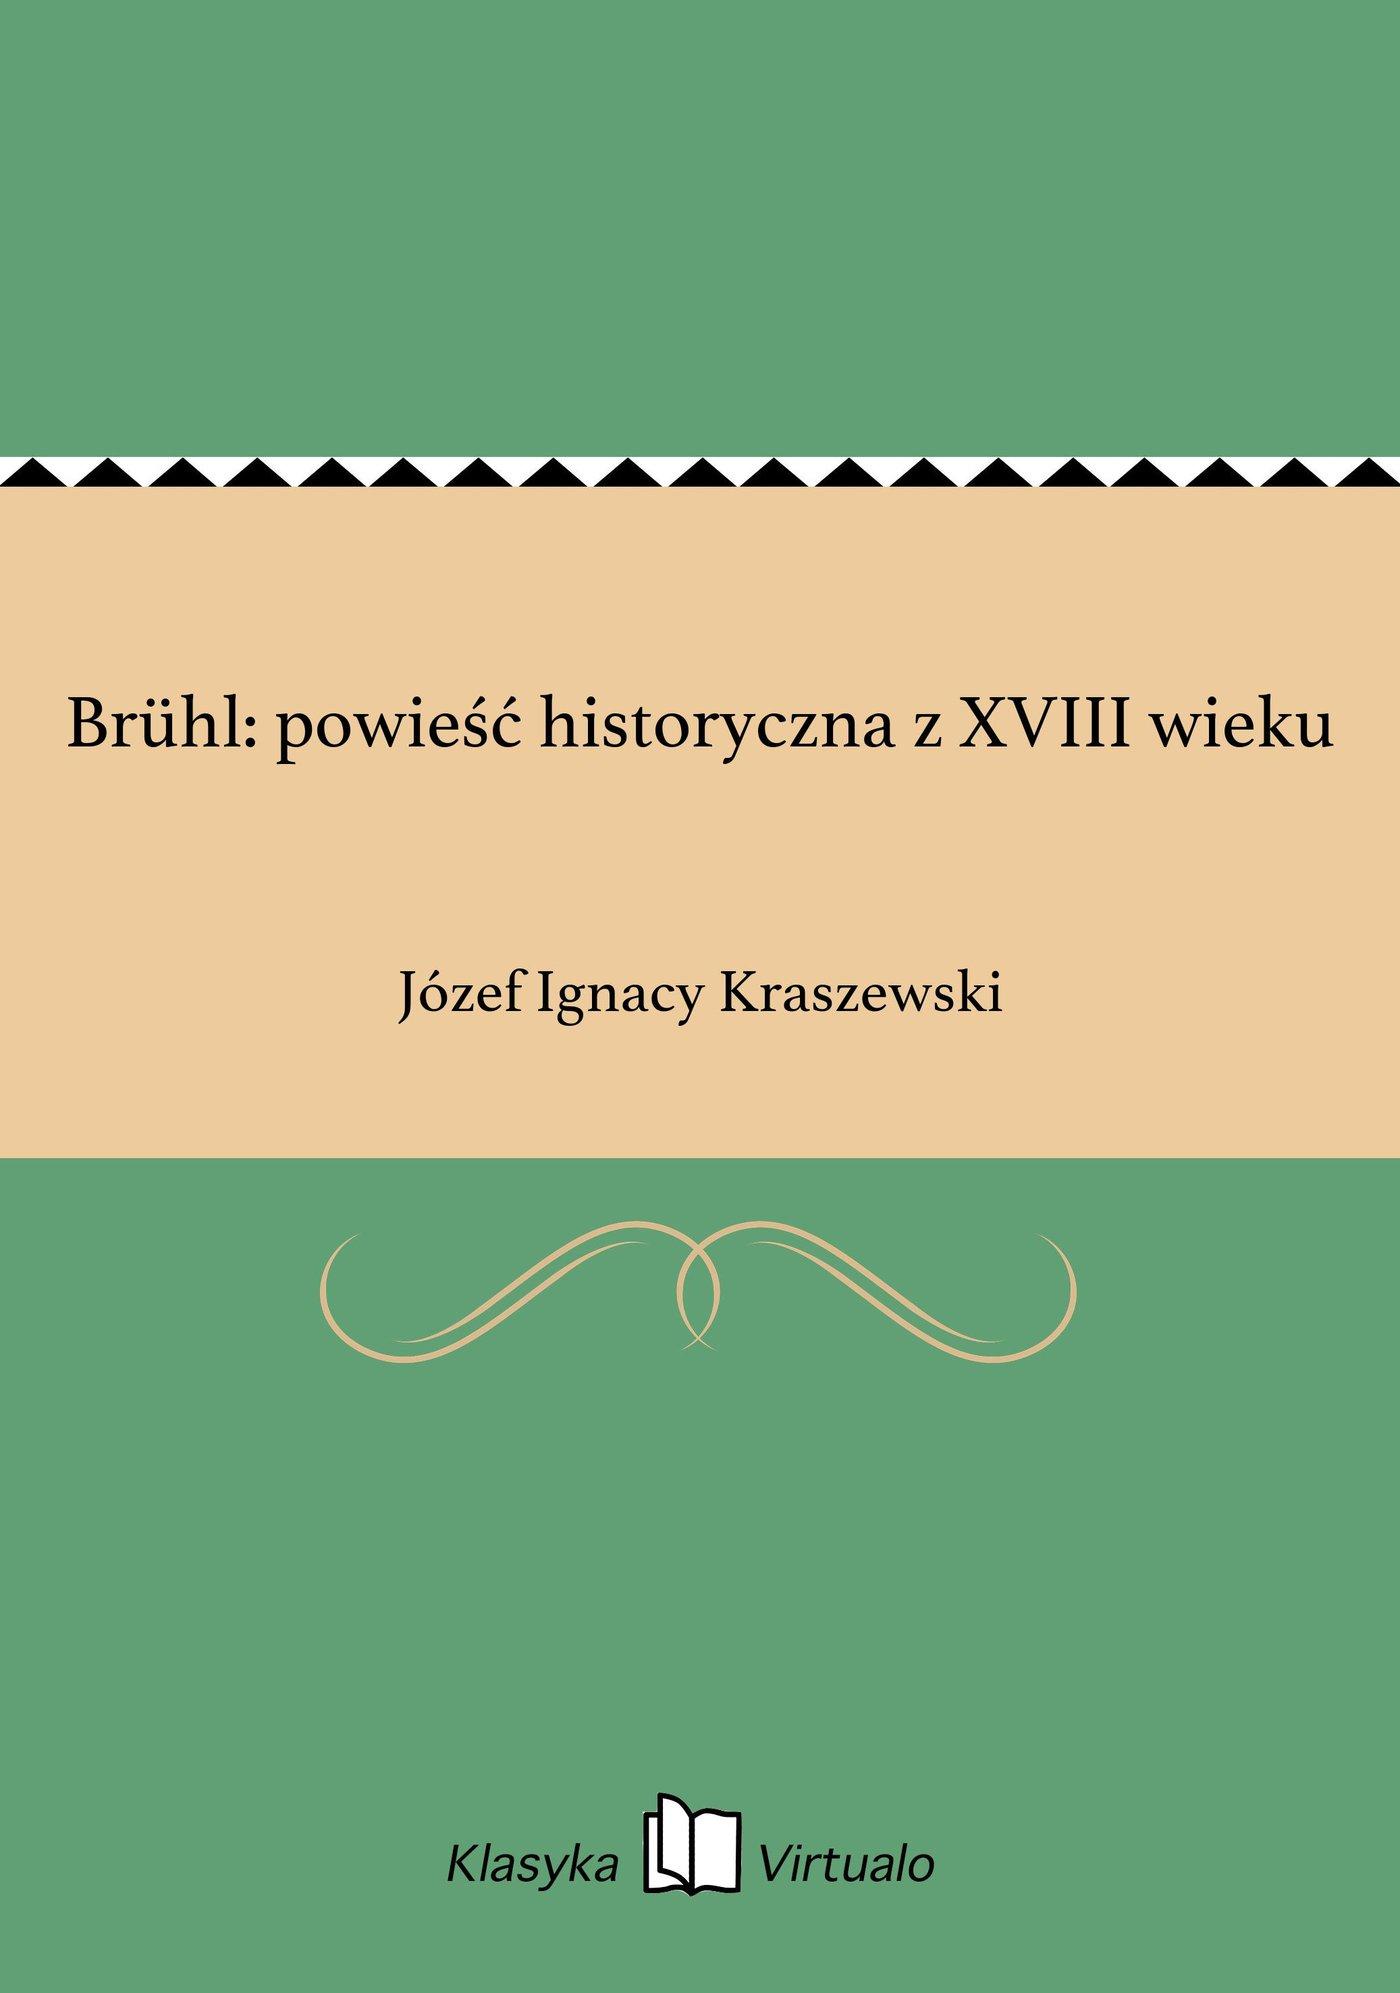 Brühl: powieść historyczna z XVIII wieku - Ebook (Książka EPUB) do pobrania w formacie EPUB